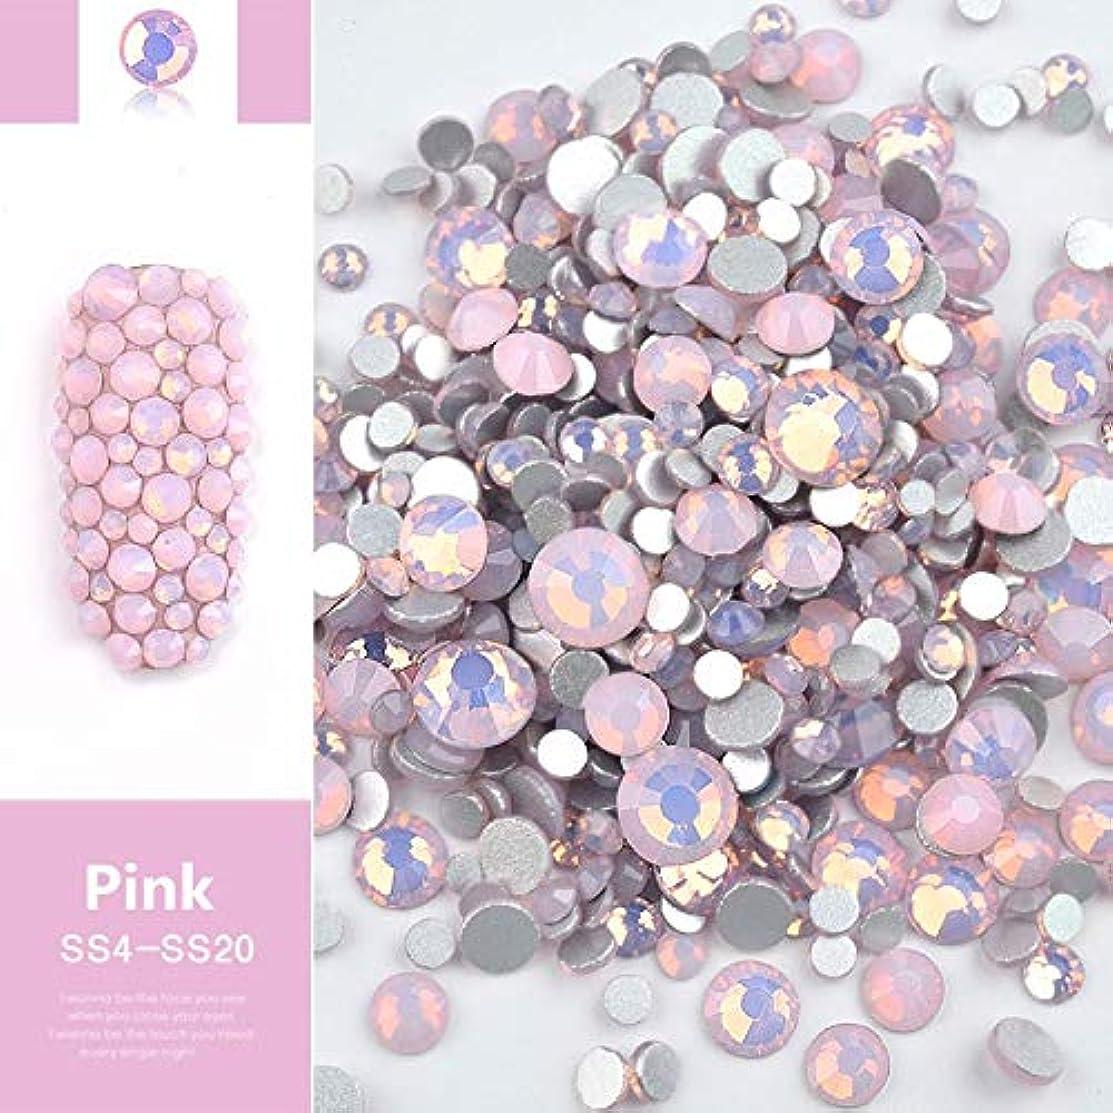 ALEXBIAN ビーズ樹脂クリスタルラウンドネイルアートミックスフラットバックアクリルラインストーンミックスサイズ1.5-4.5 mm装飾用ネイル (Color : Pink)